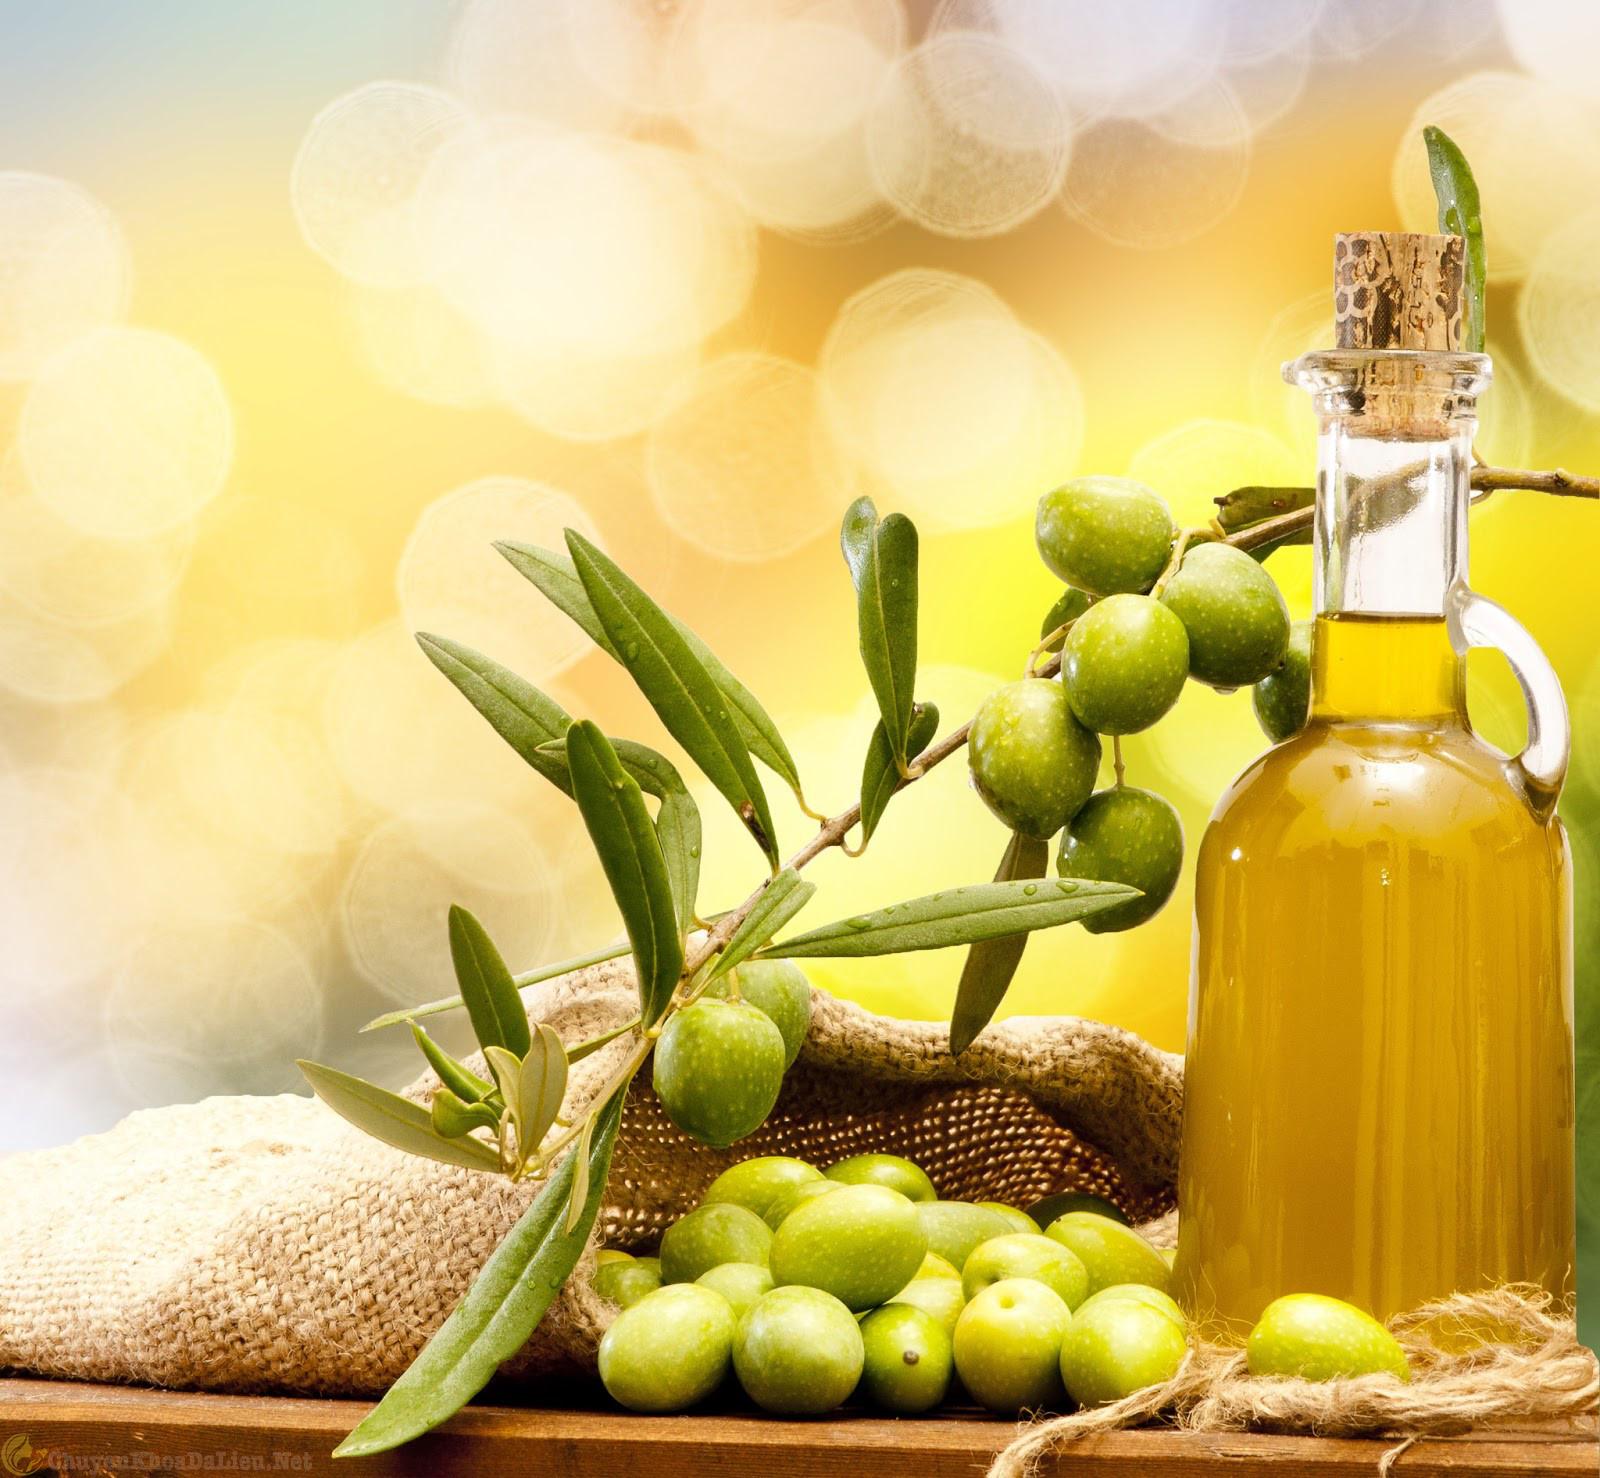 dầu oliu giữ ẩm cho người bị vảy nến